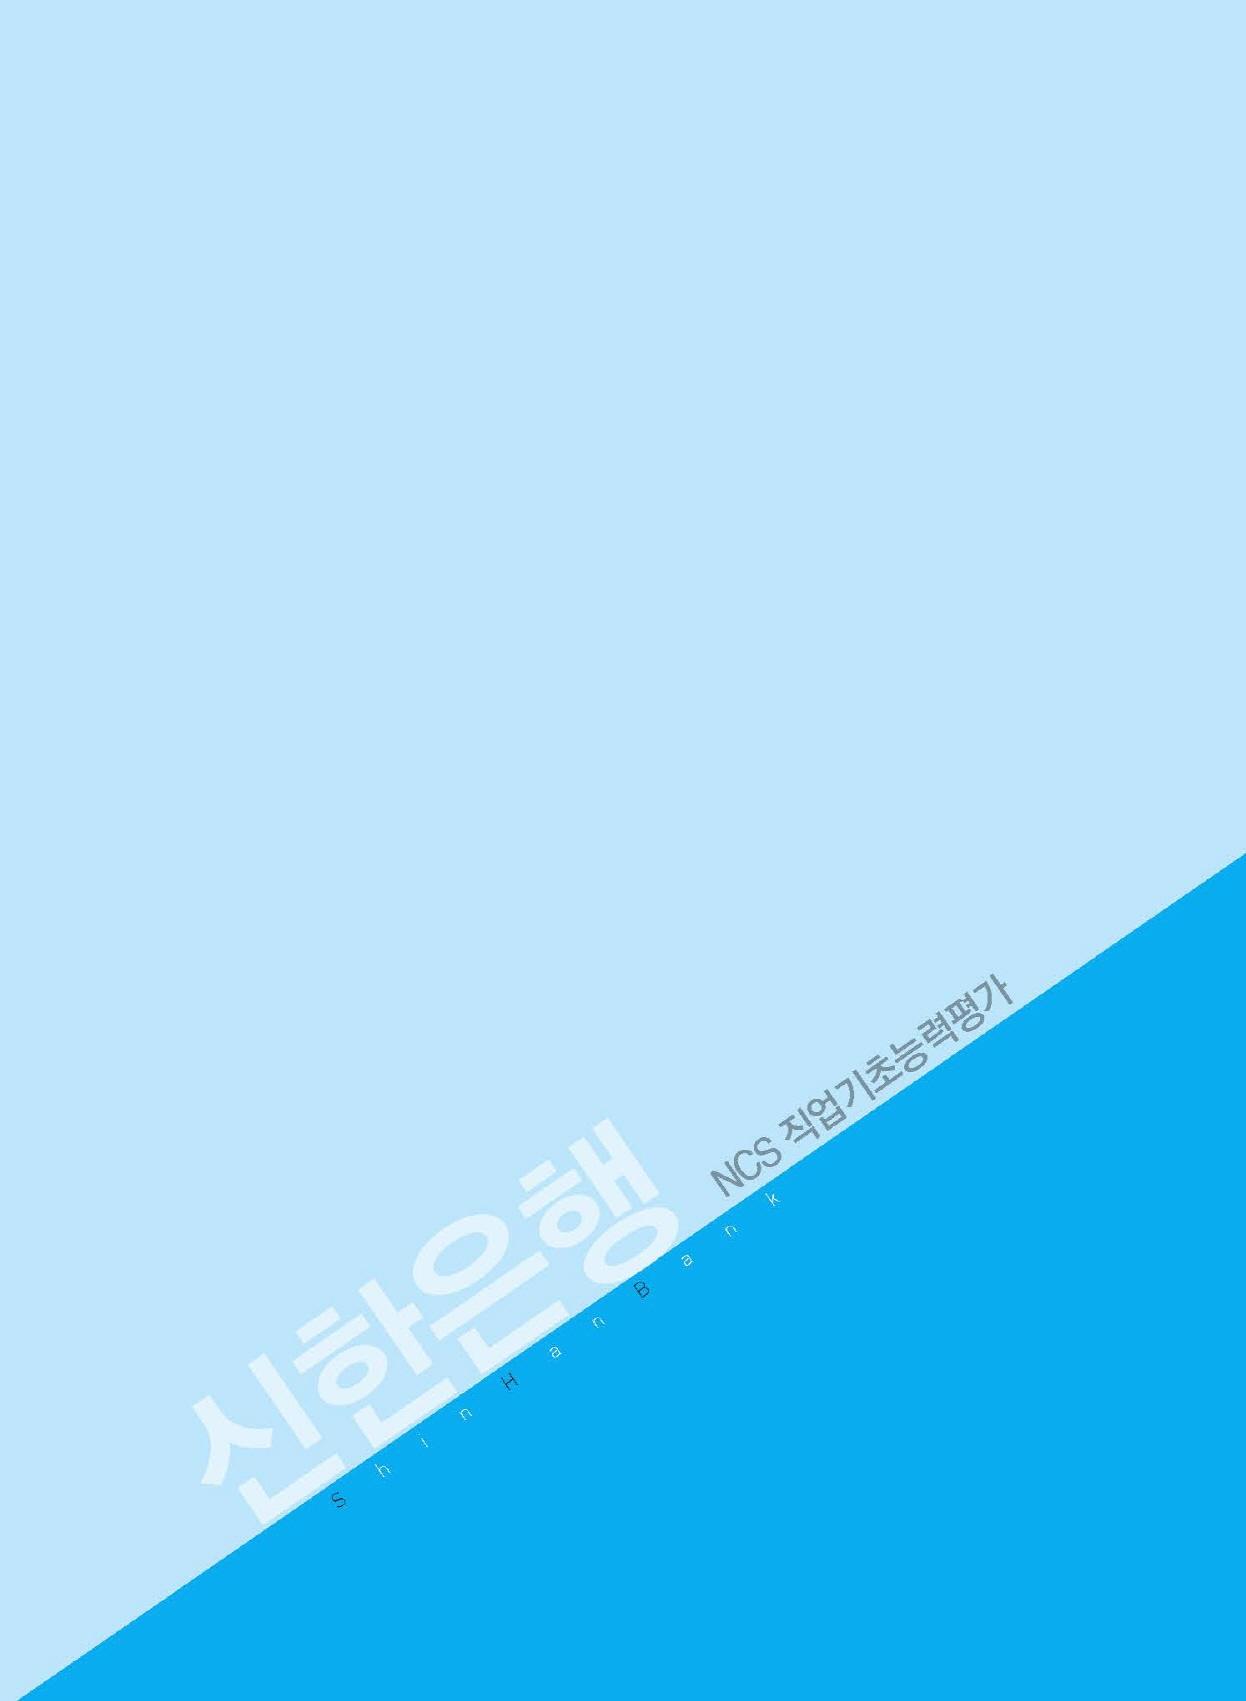 b7fb58488cc09a5fe1a1dfc1e7d0dfc4_1544690